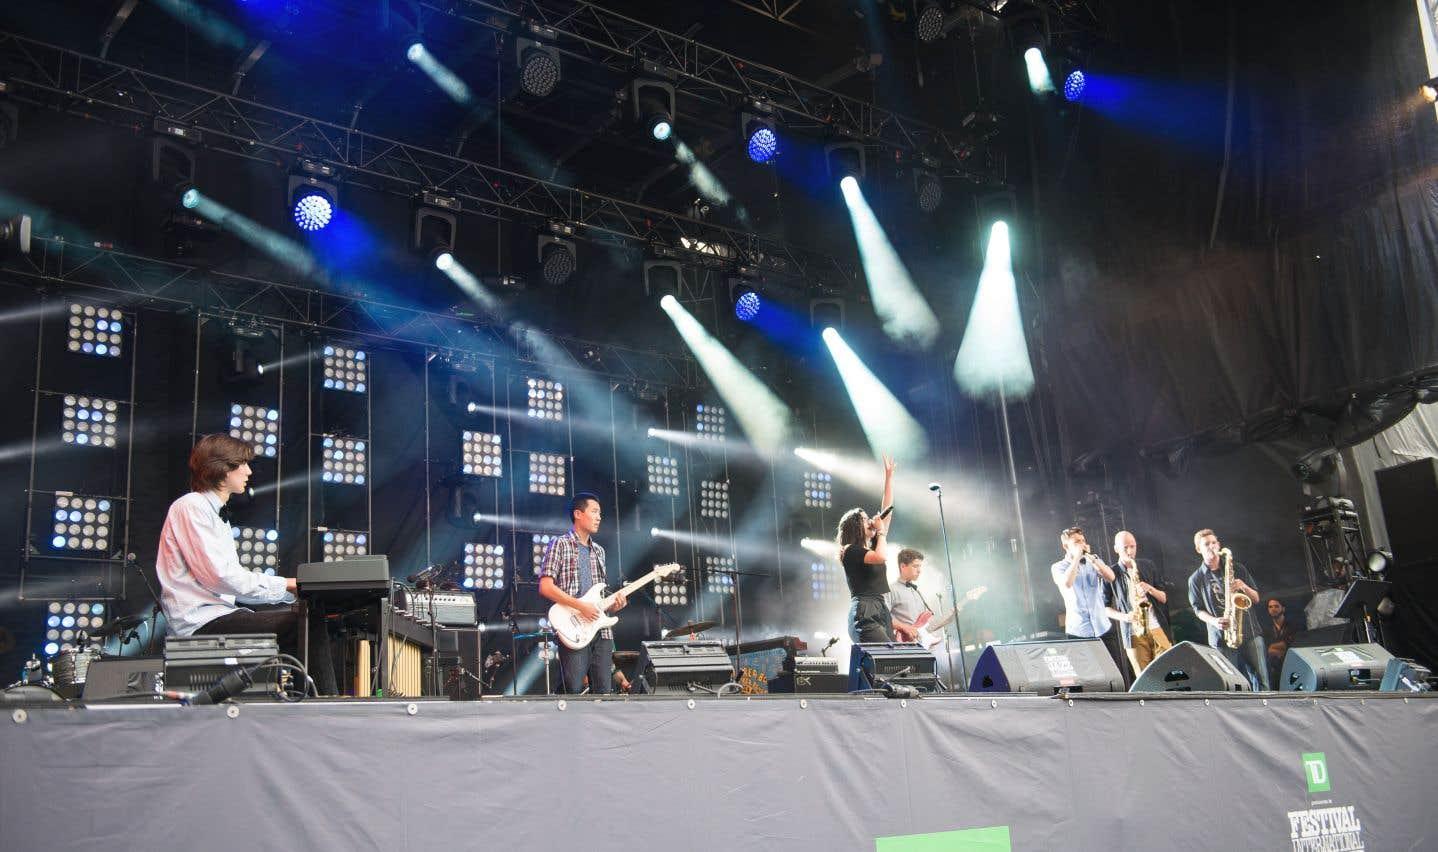 Le Camp Blues de l'Équipe Spectra donnera la chance à quelques dizaines de jeunes musiciens de jouer sur la scène principale du Festival de jazz de Montréal en juillet prochain.